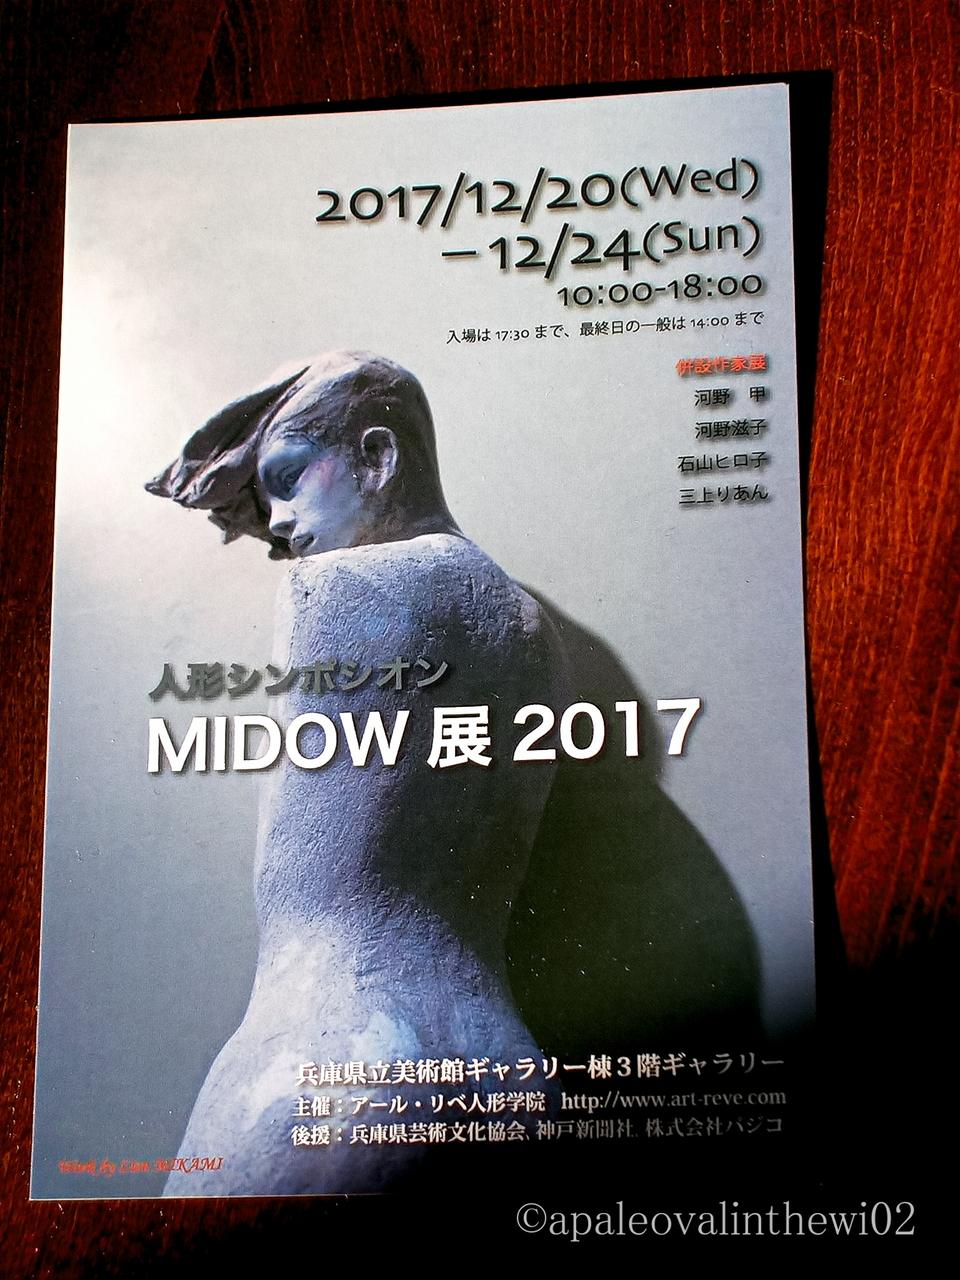 f:id:apaleovalinthewi02:20171221181744j:plain